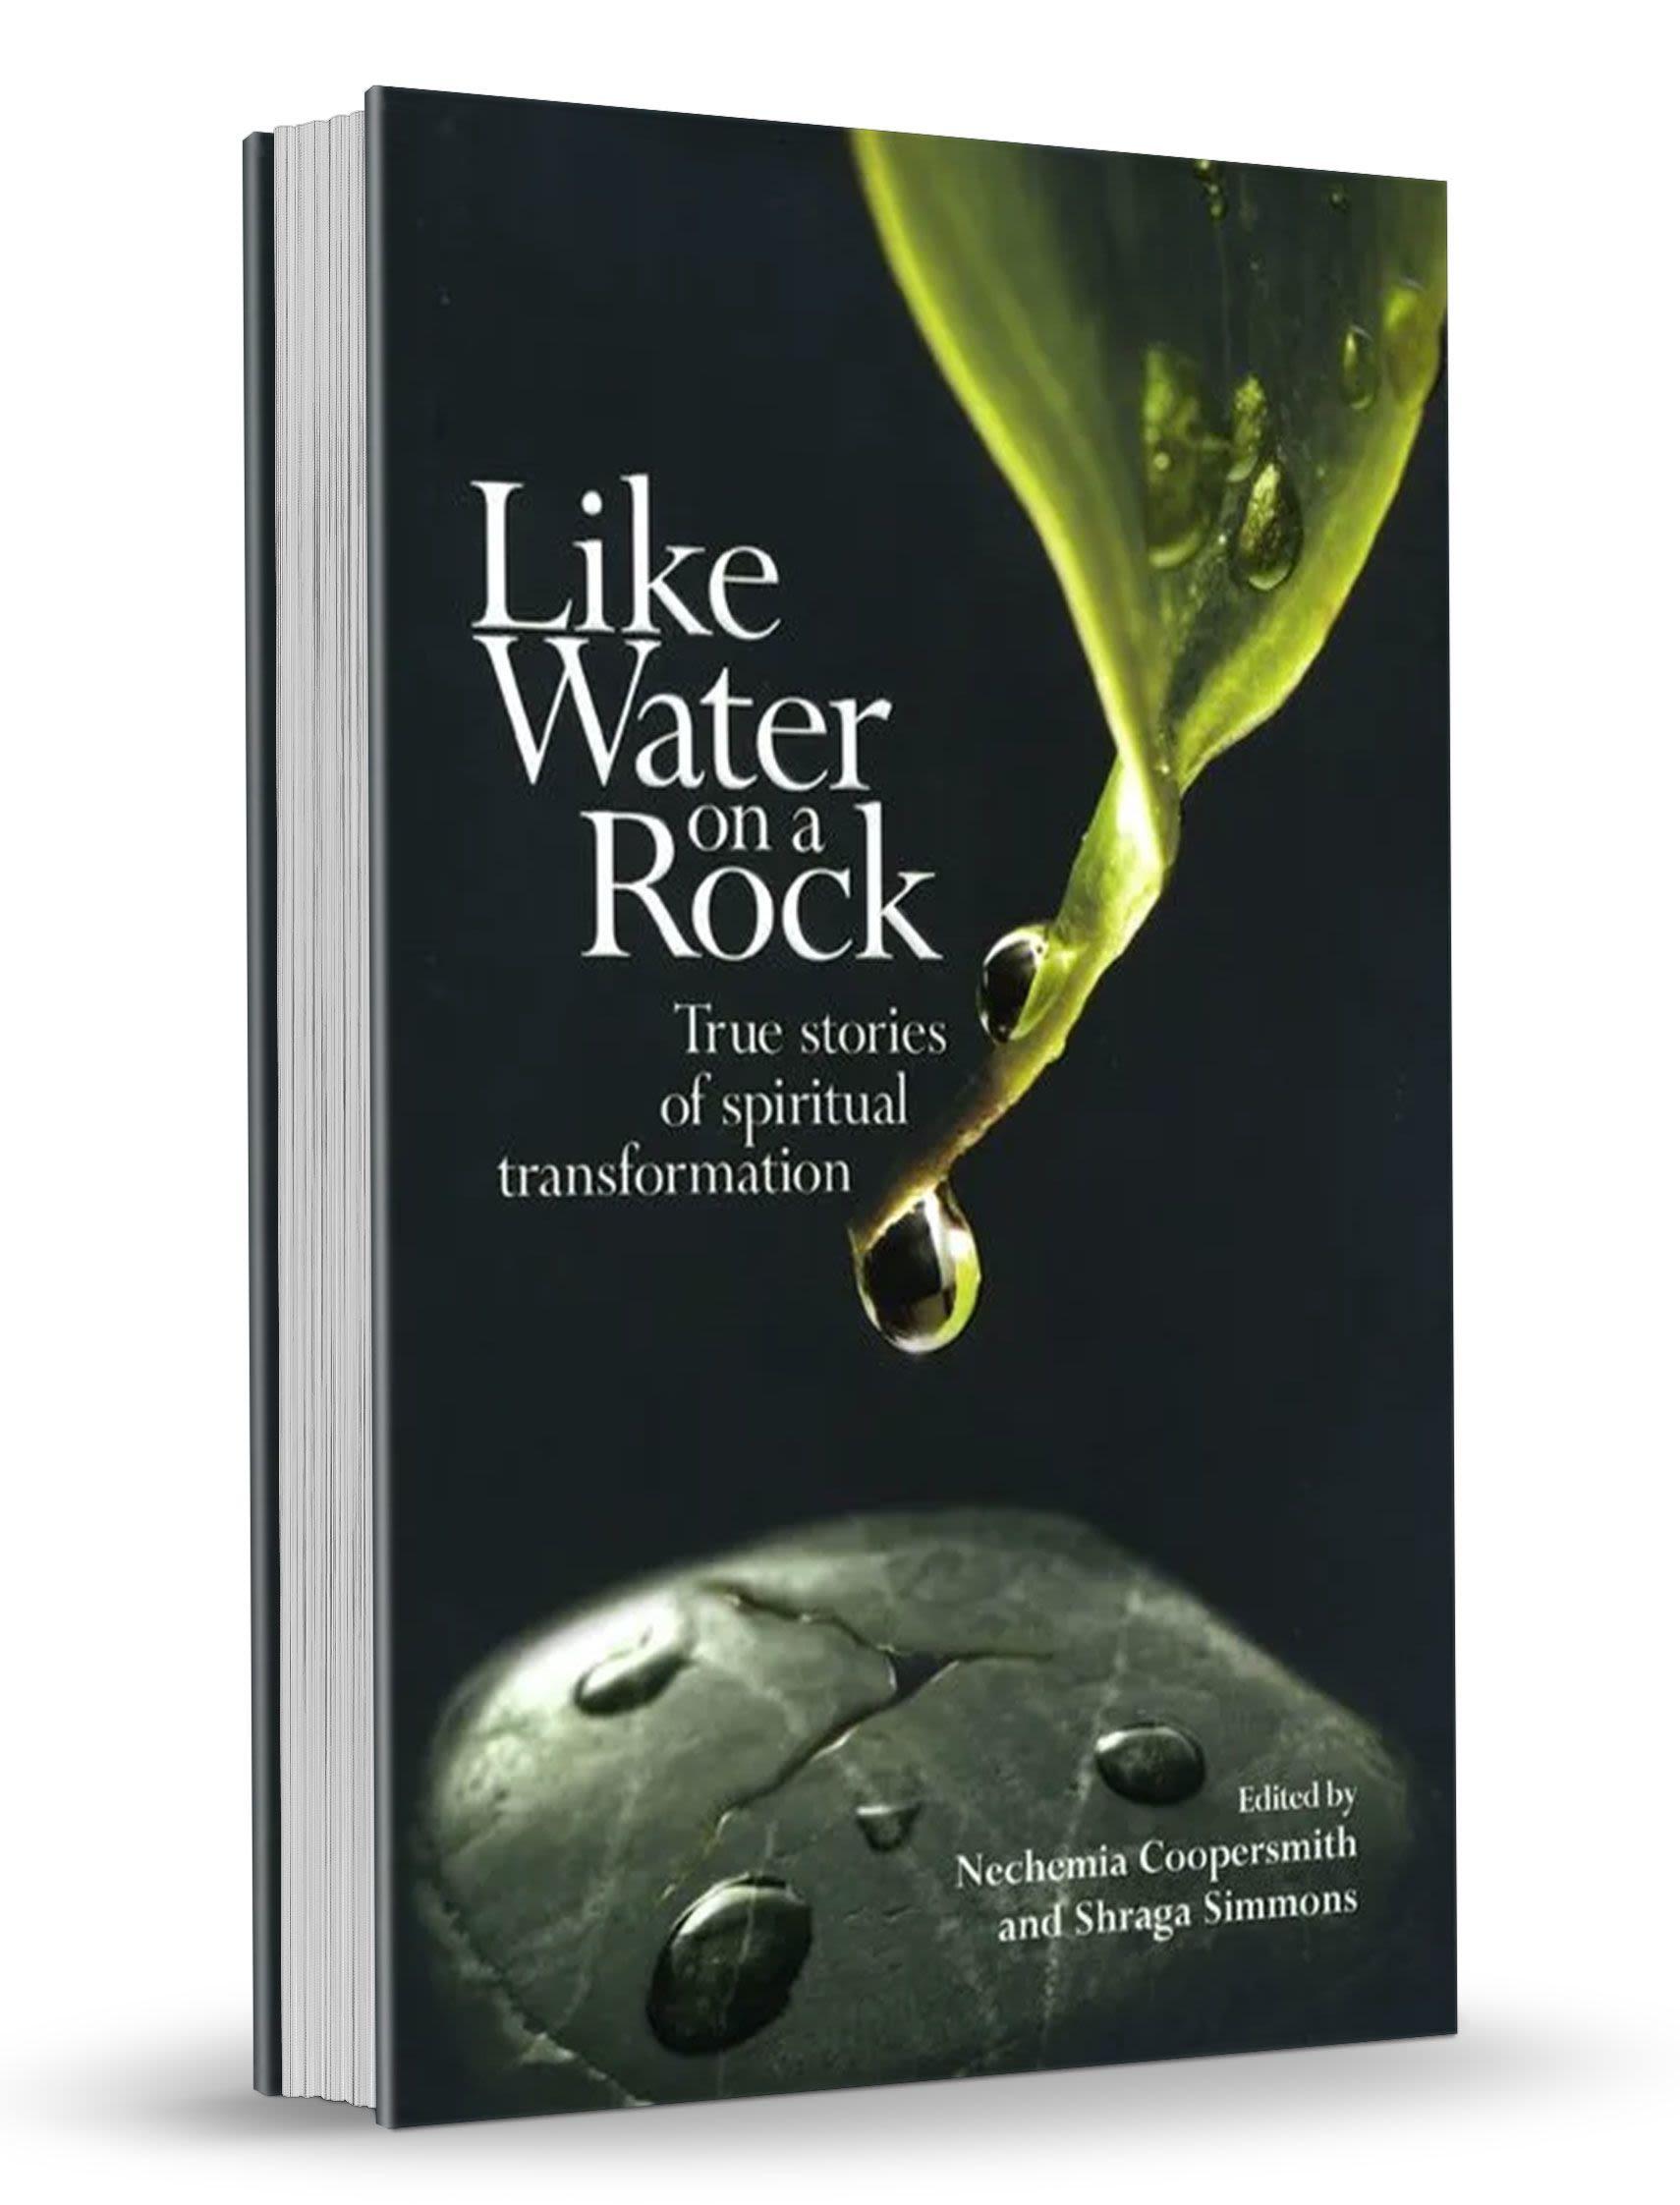 Like Water on a Rock